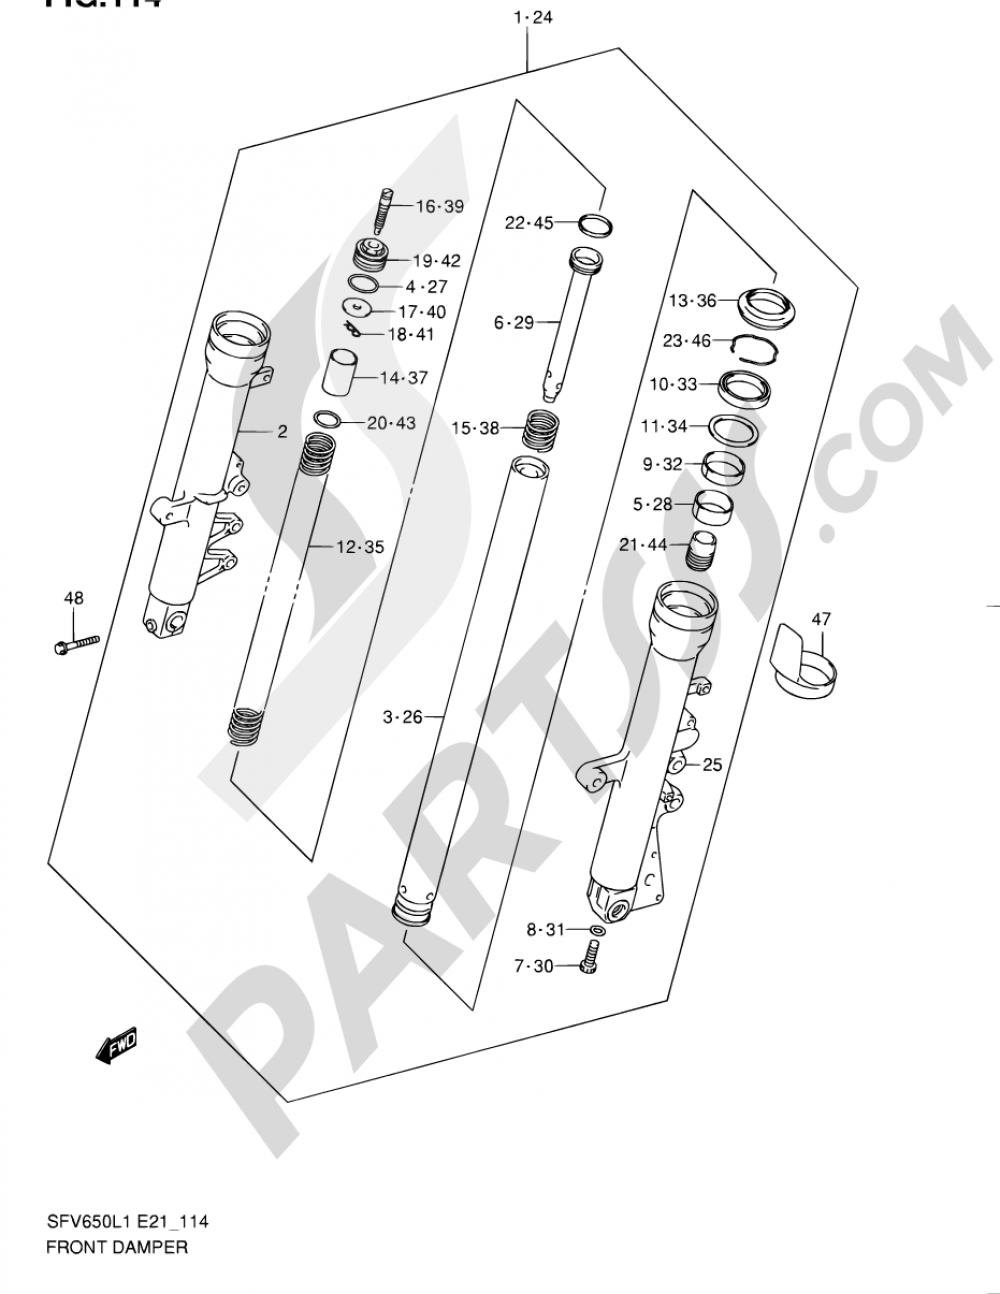 114 - FRONT DAMPER (SFV650UAL1 E21) Suzuki GLADIUS SFV650A 2011